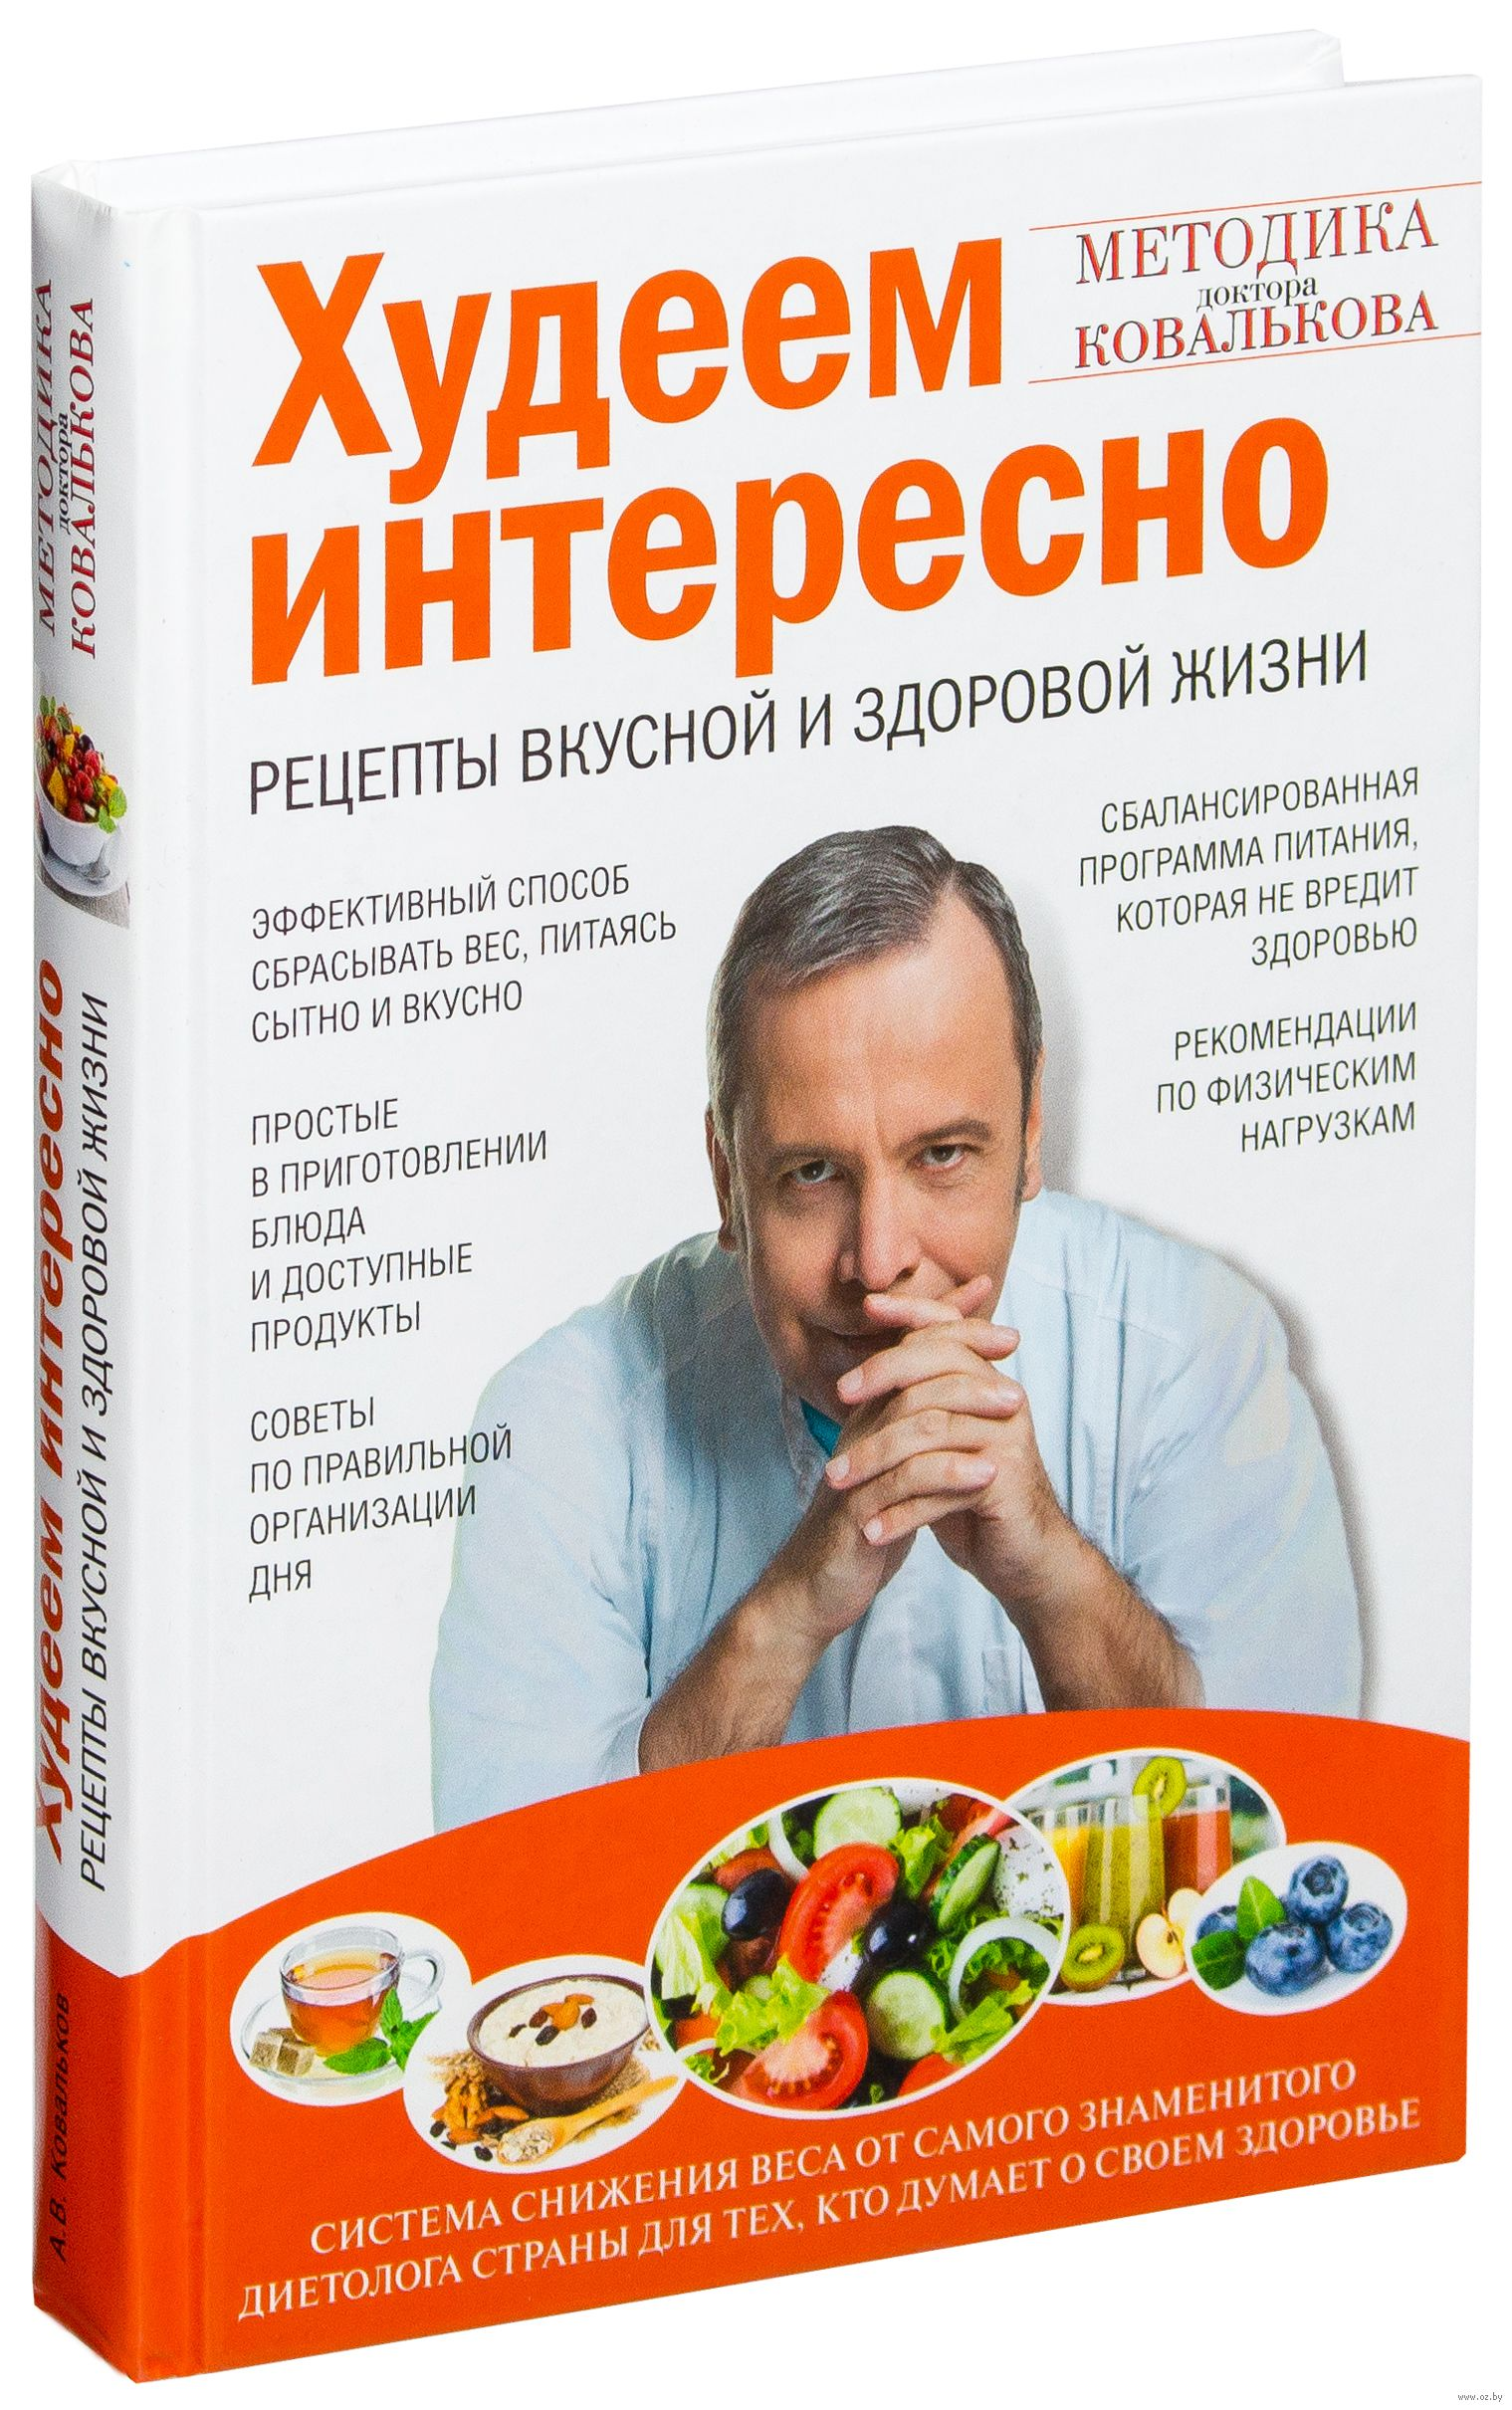 Книга «худеем интересно. Рецепты вкусной и здоровой жизни» алексей.